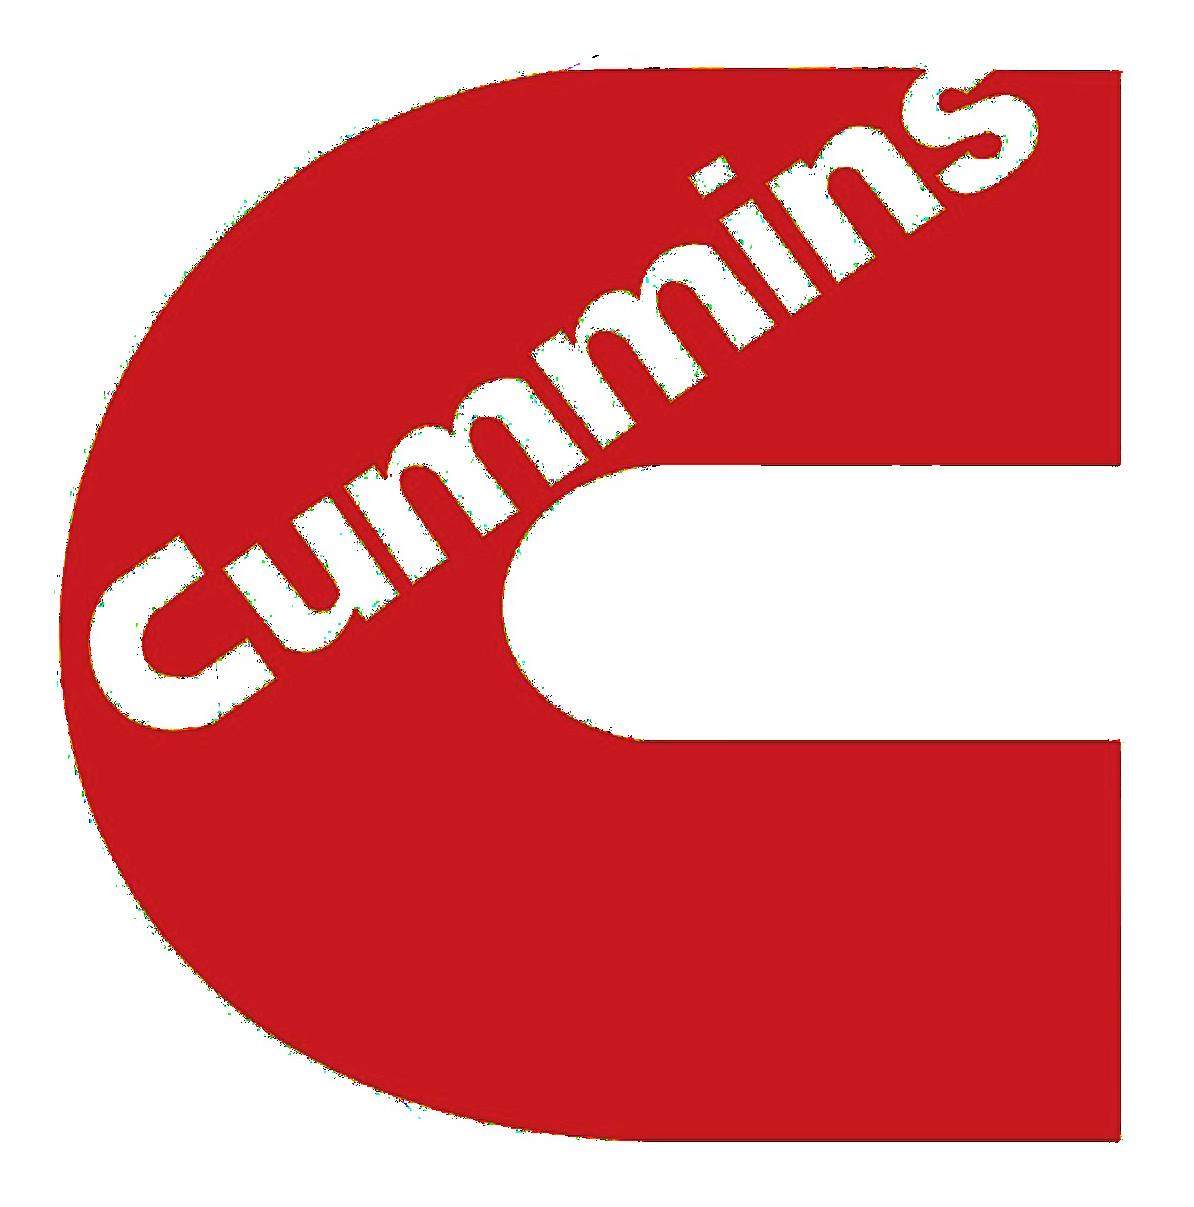 Cummins Logo PNG Image.